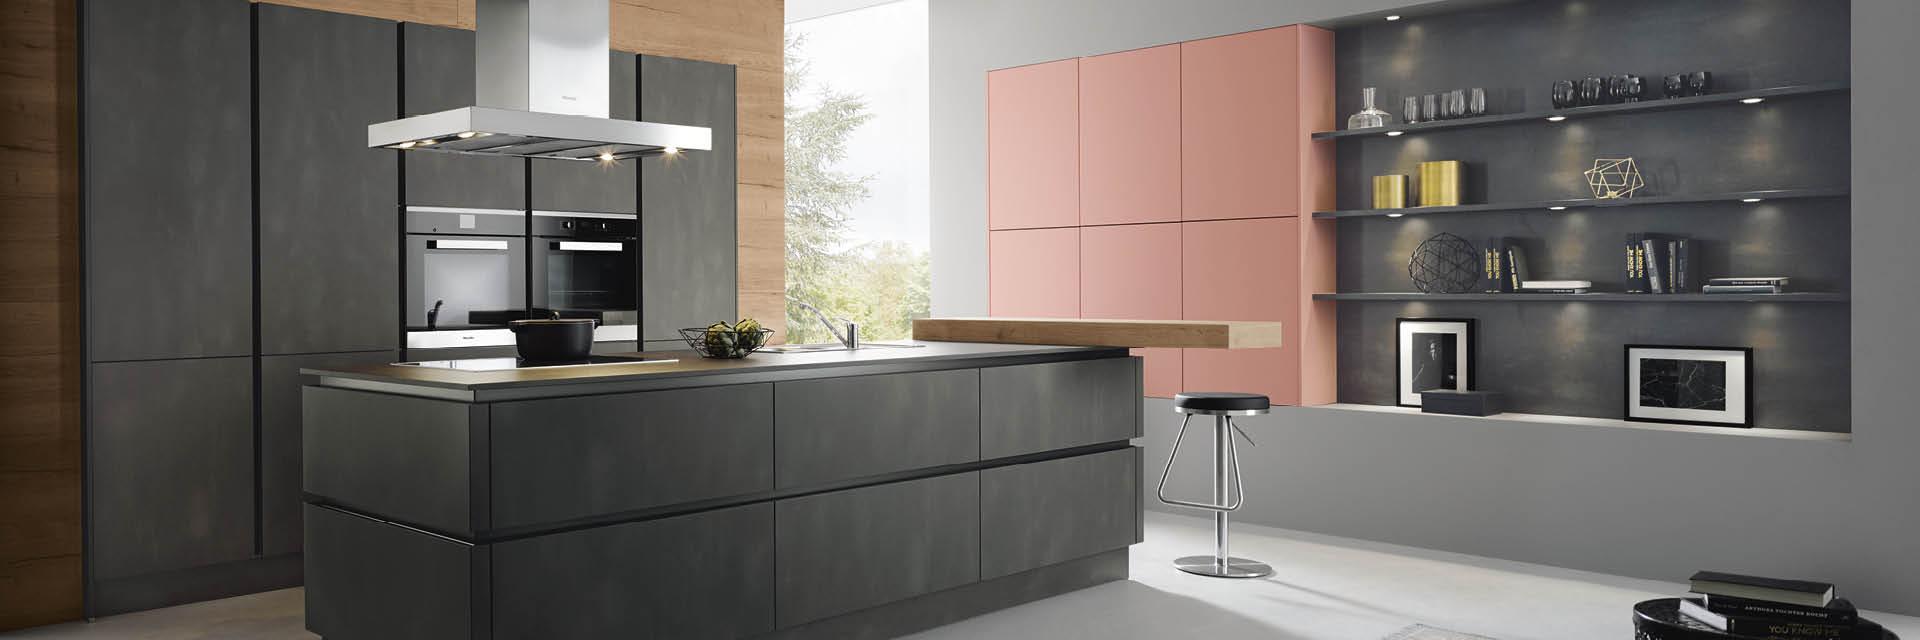 Full Size of Freistehende Küchen Wenn Kche Zum Kunstobjekt Wird Offene Regal Küche Wohnzimmer Freistehende Küchen